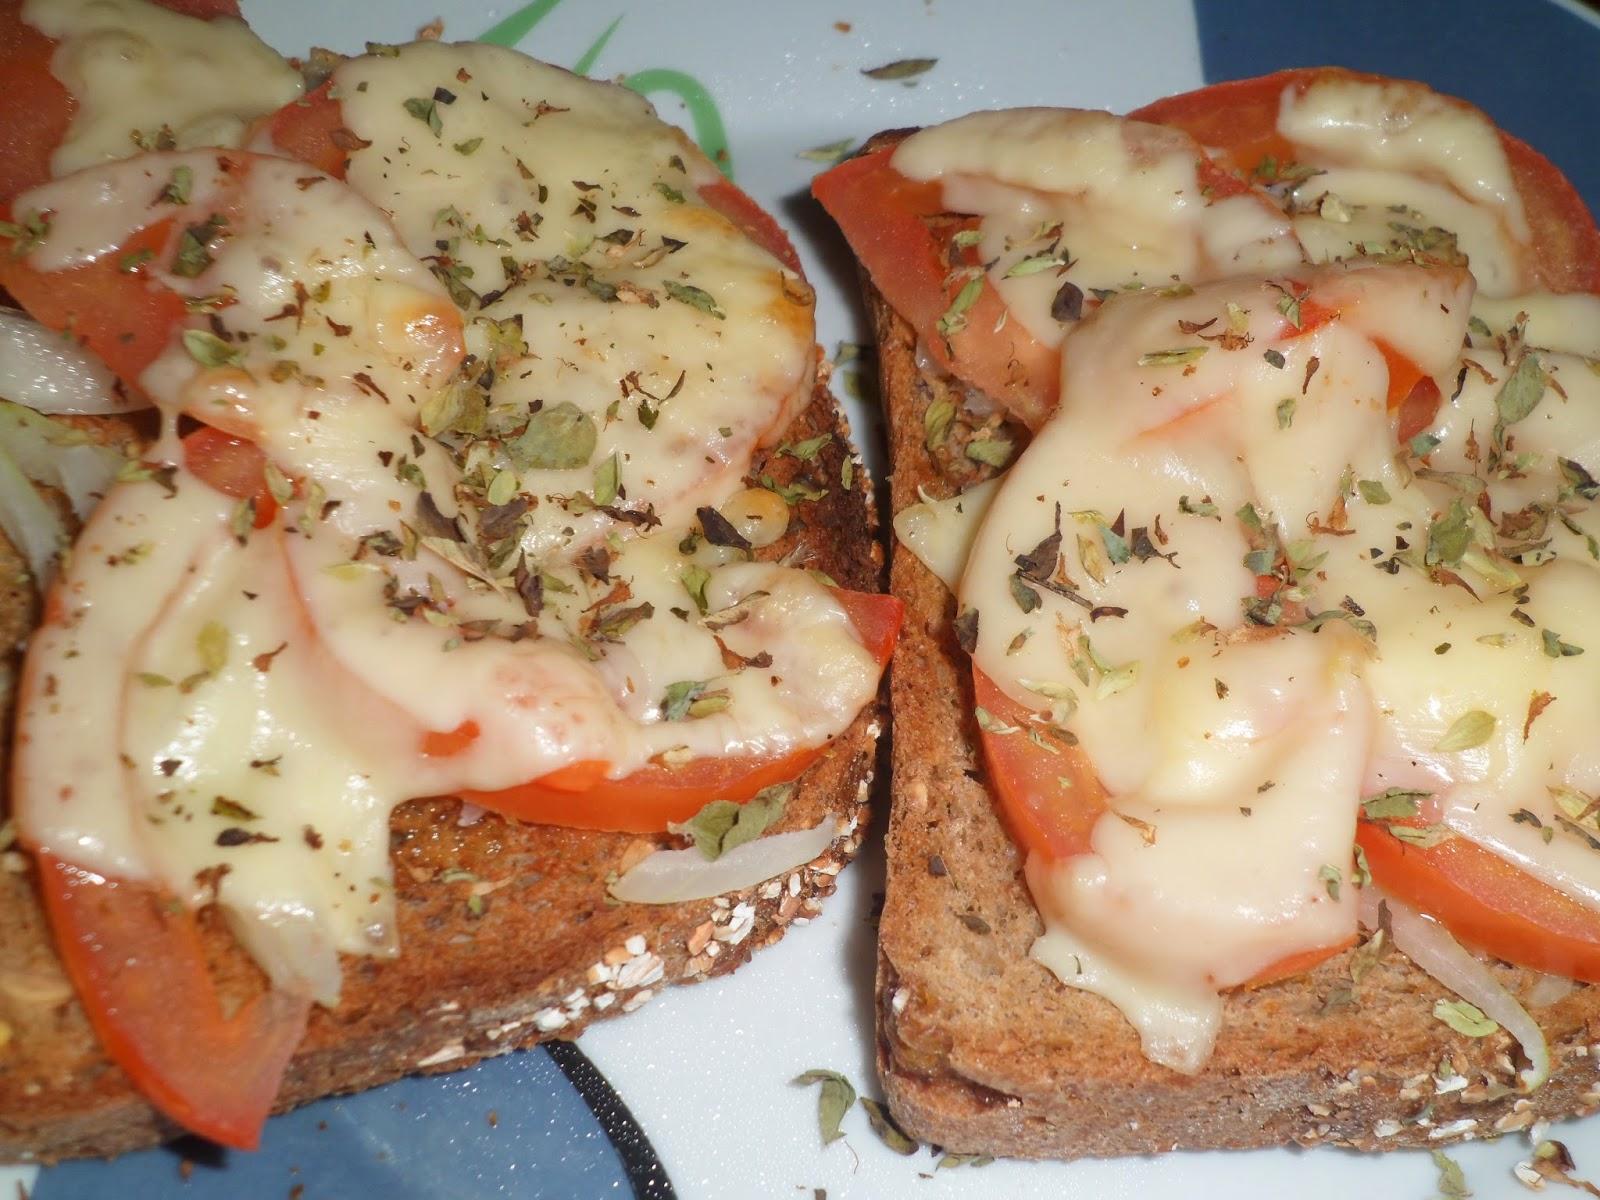 Torricado de tomate, cebola, queijo e oregãos.